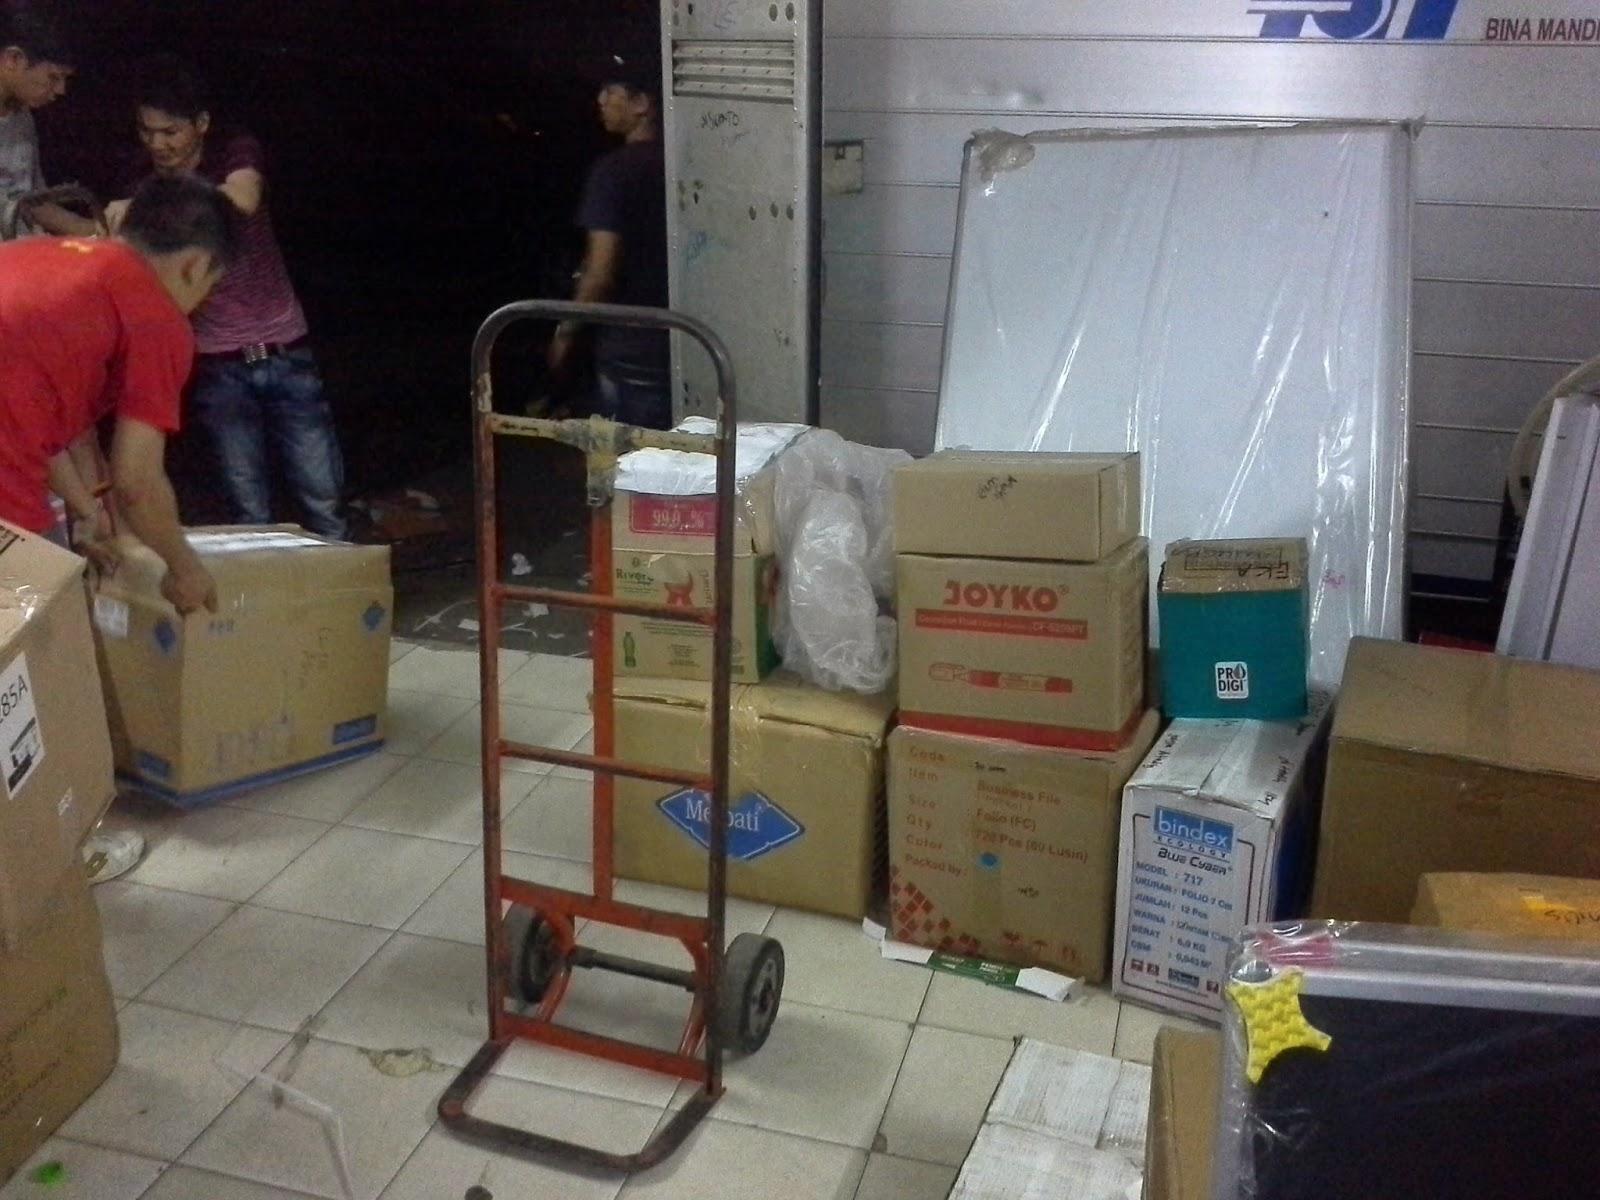 CV. Bina Mandiri - toko alat tulis kantor mempersiapkan produk ATK untuk dikirim ke kantor pelanggan wilayah cikarang